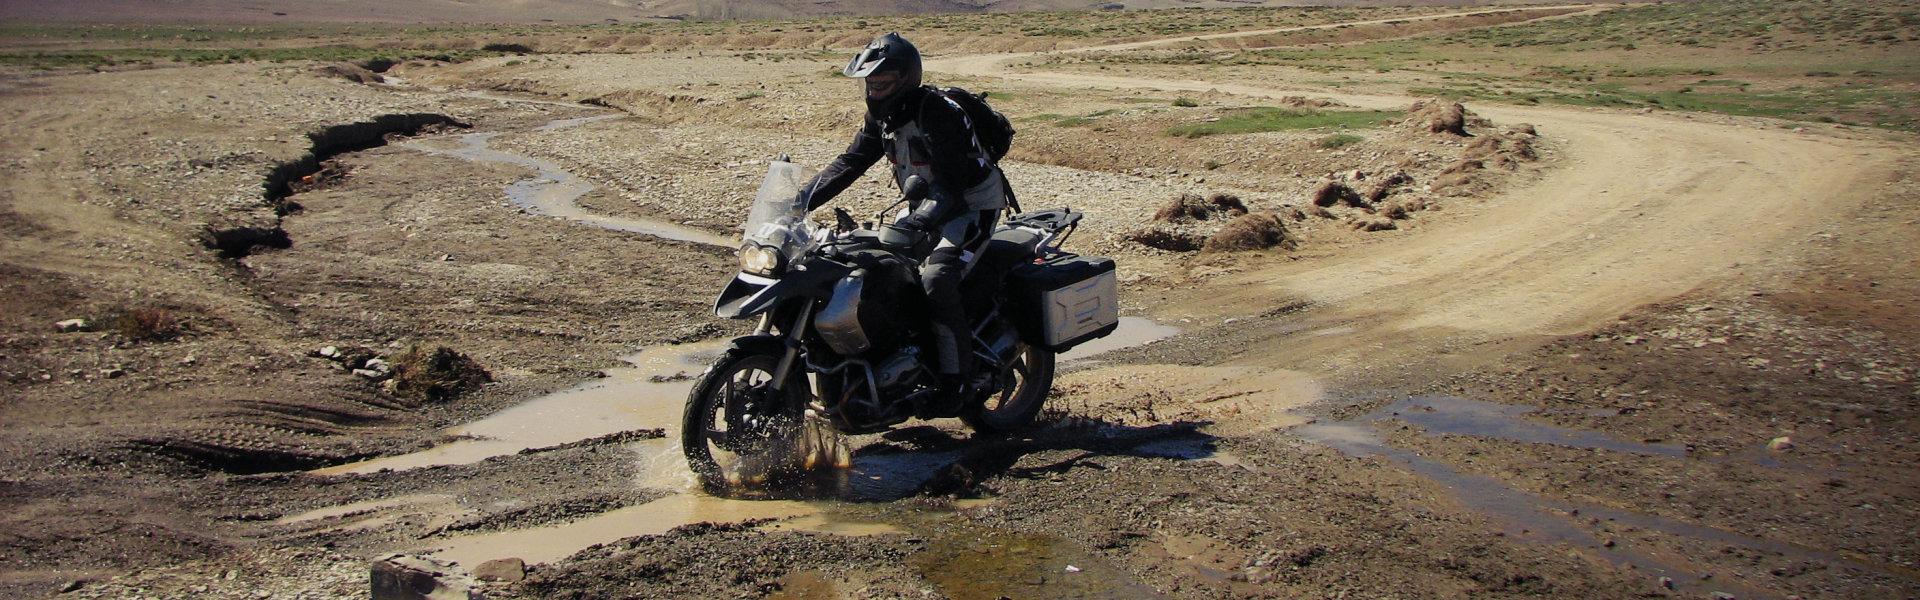 Motorradfahrer fährt durch Schlamm